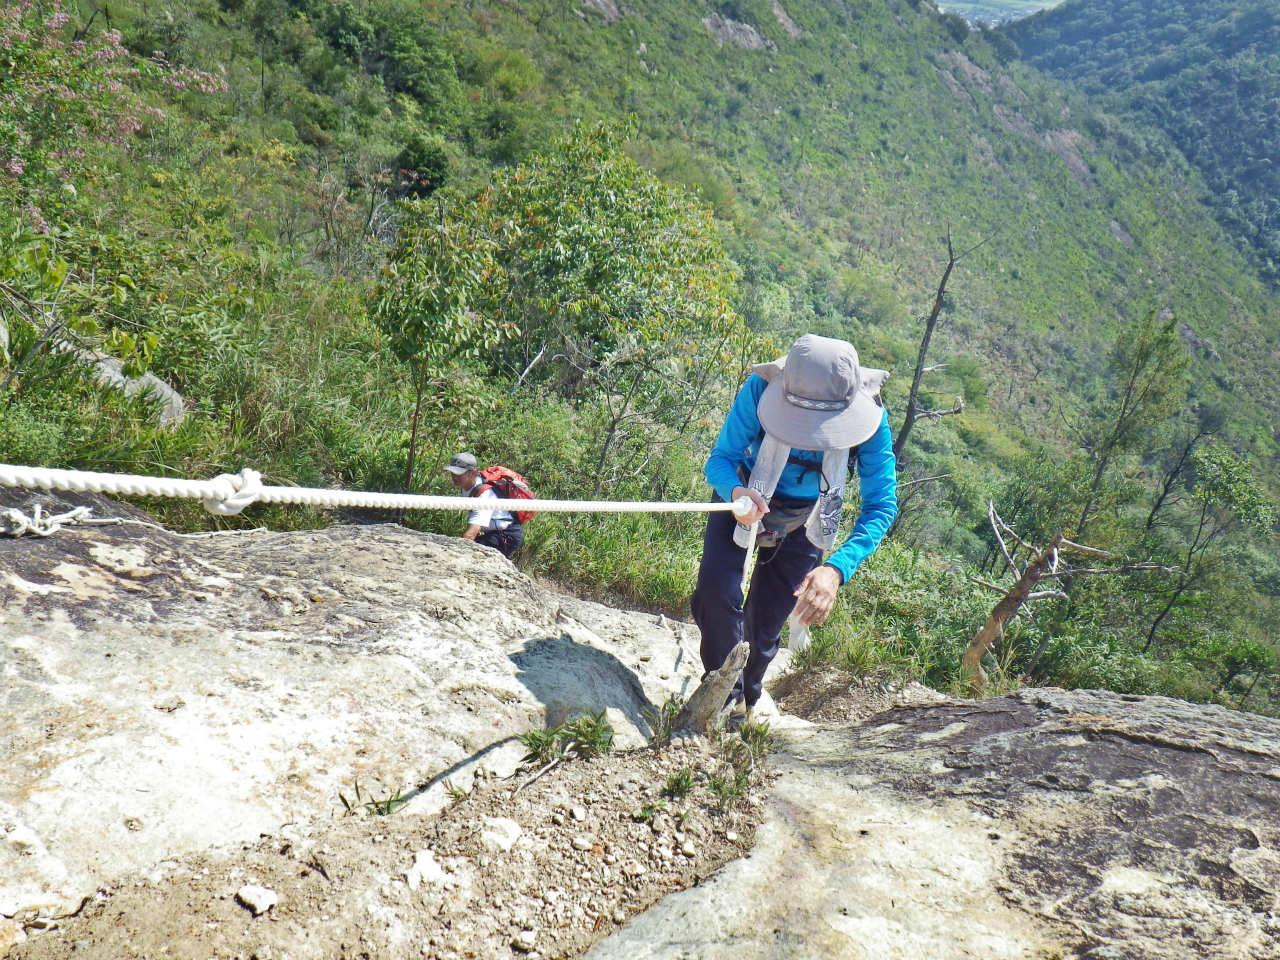 07a 常設のロープを使う